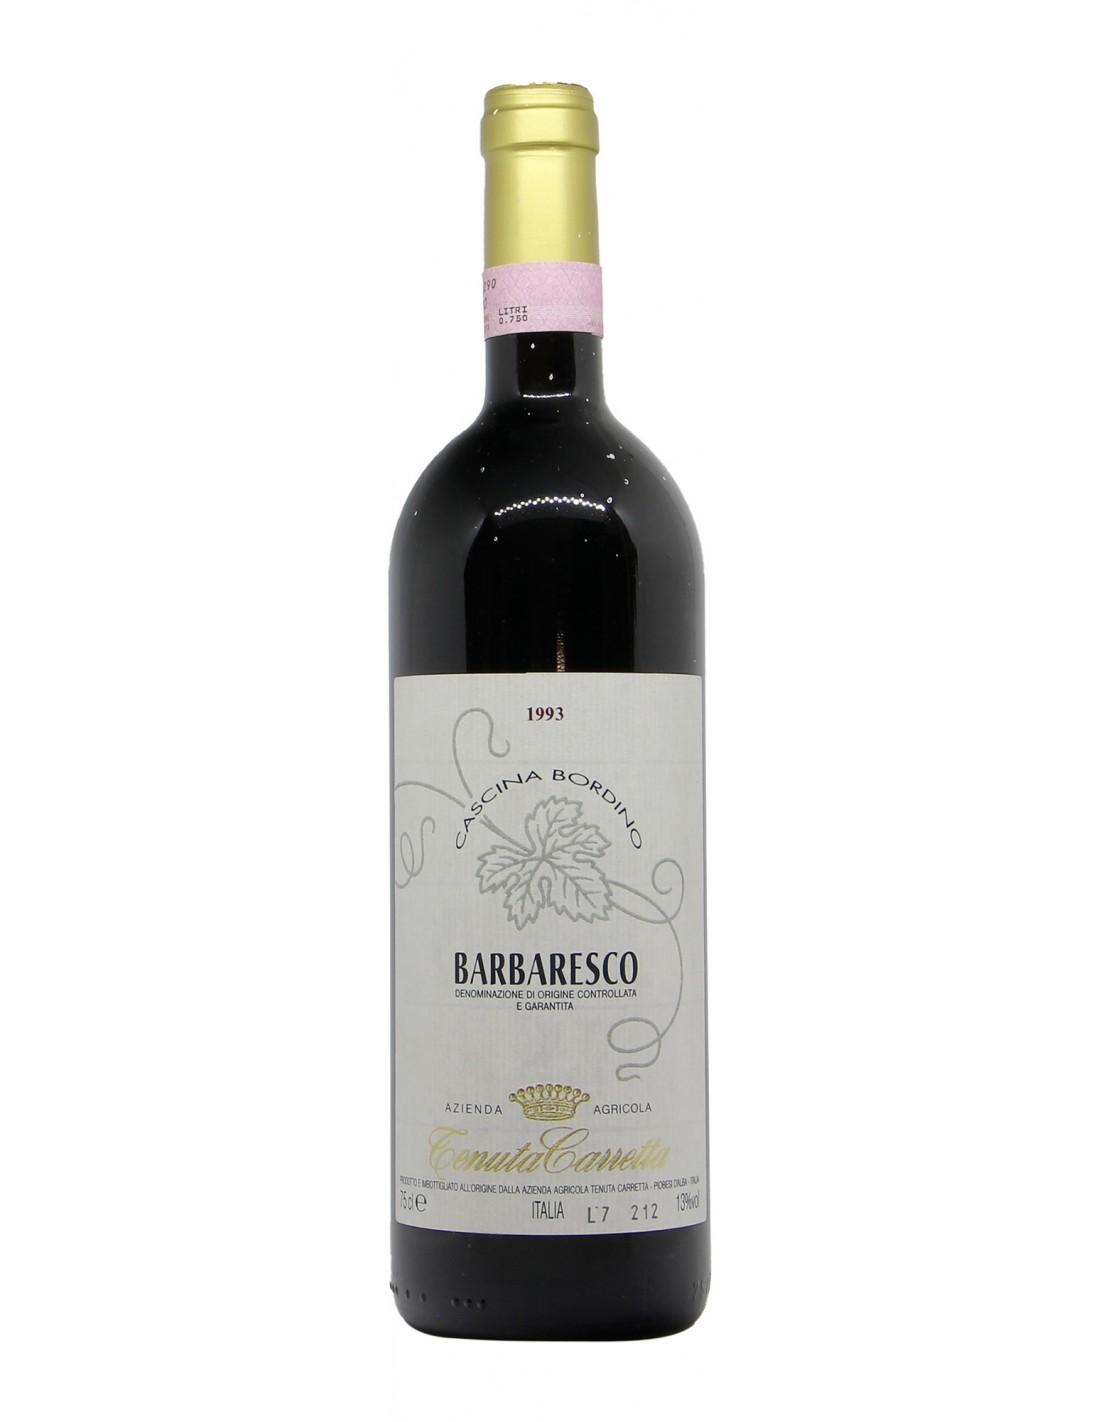 BARBARESCO CASCINA BORDINO 1993 TENUTA CARRETTA Grandi Bottiglie